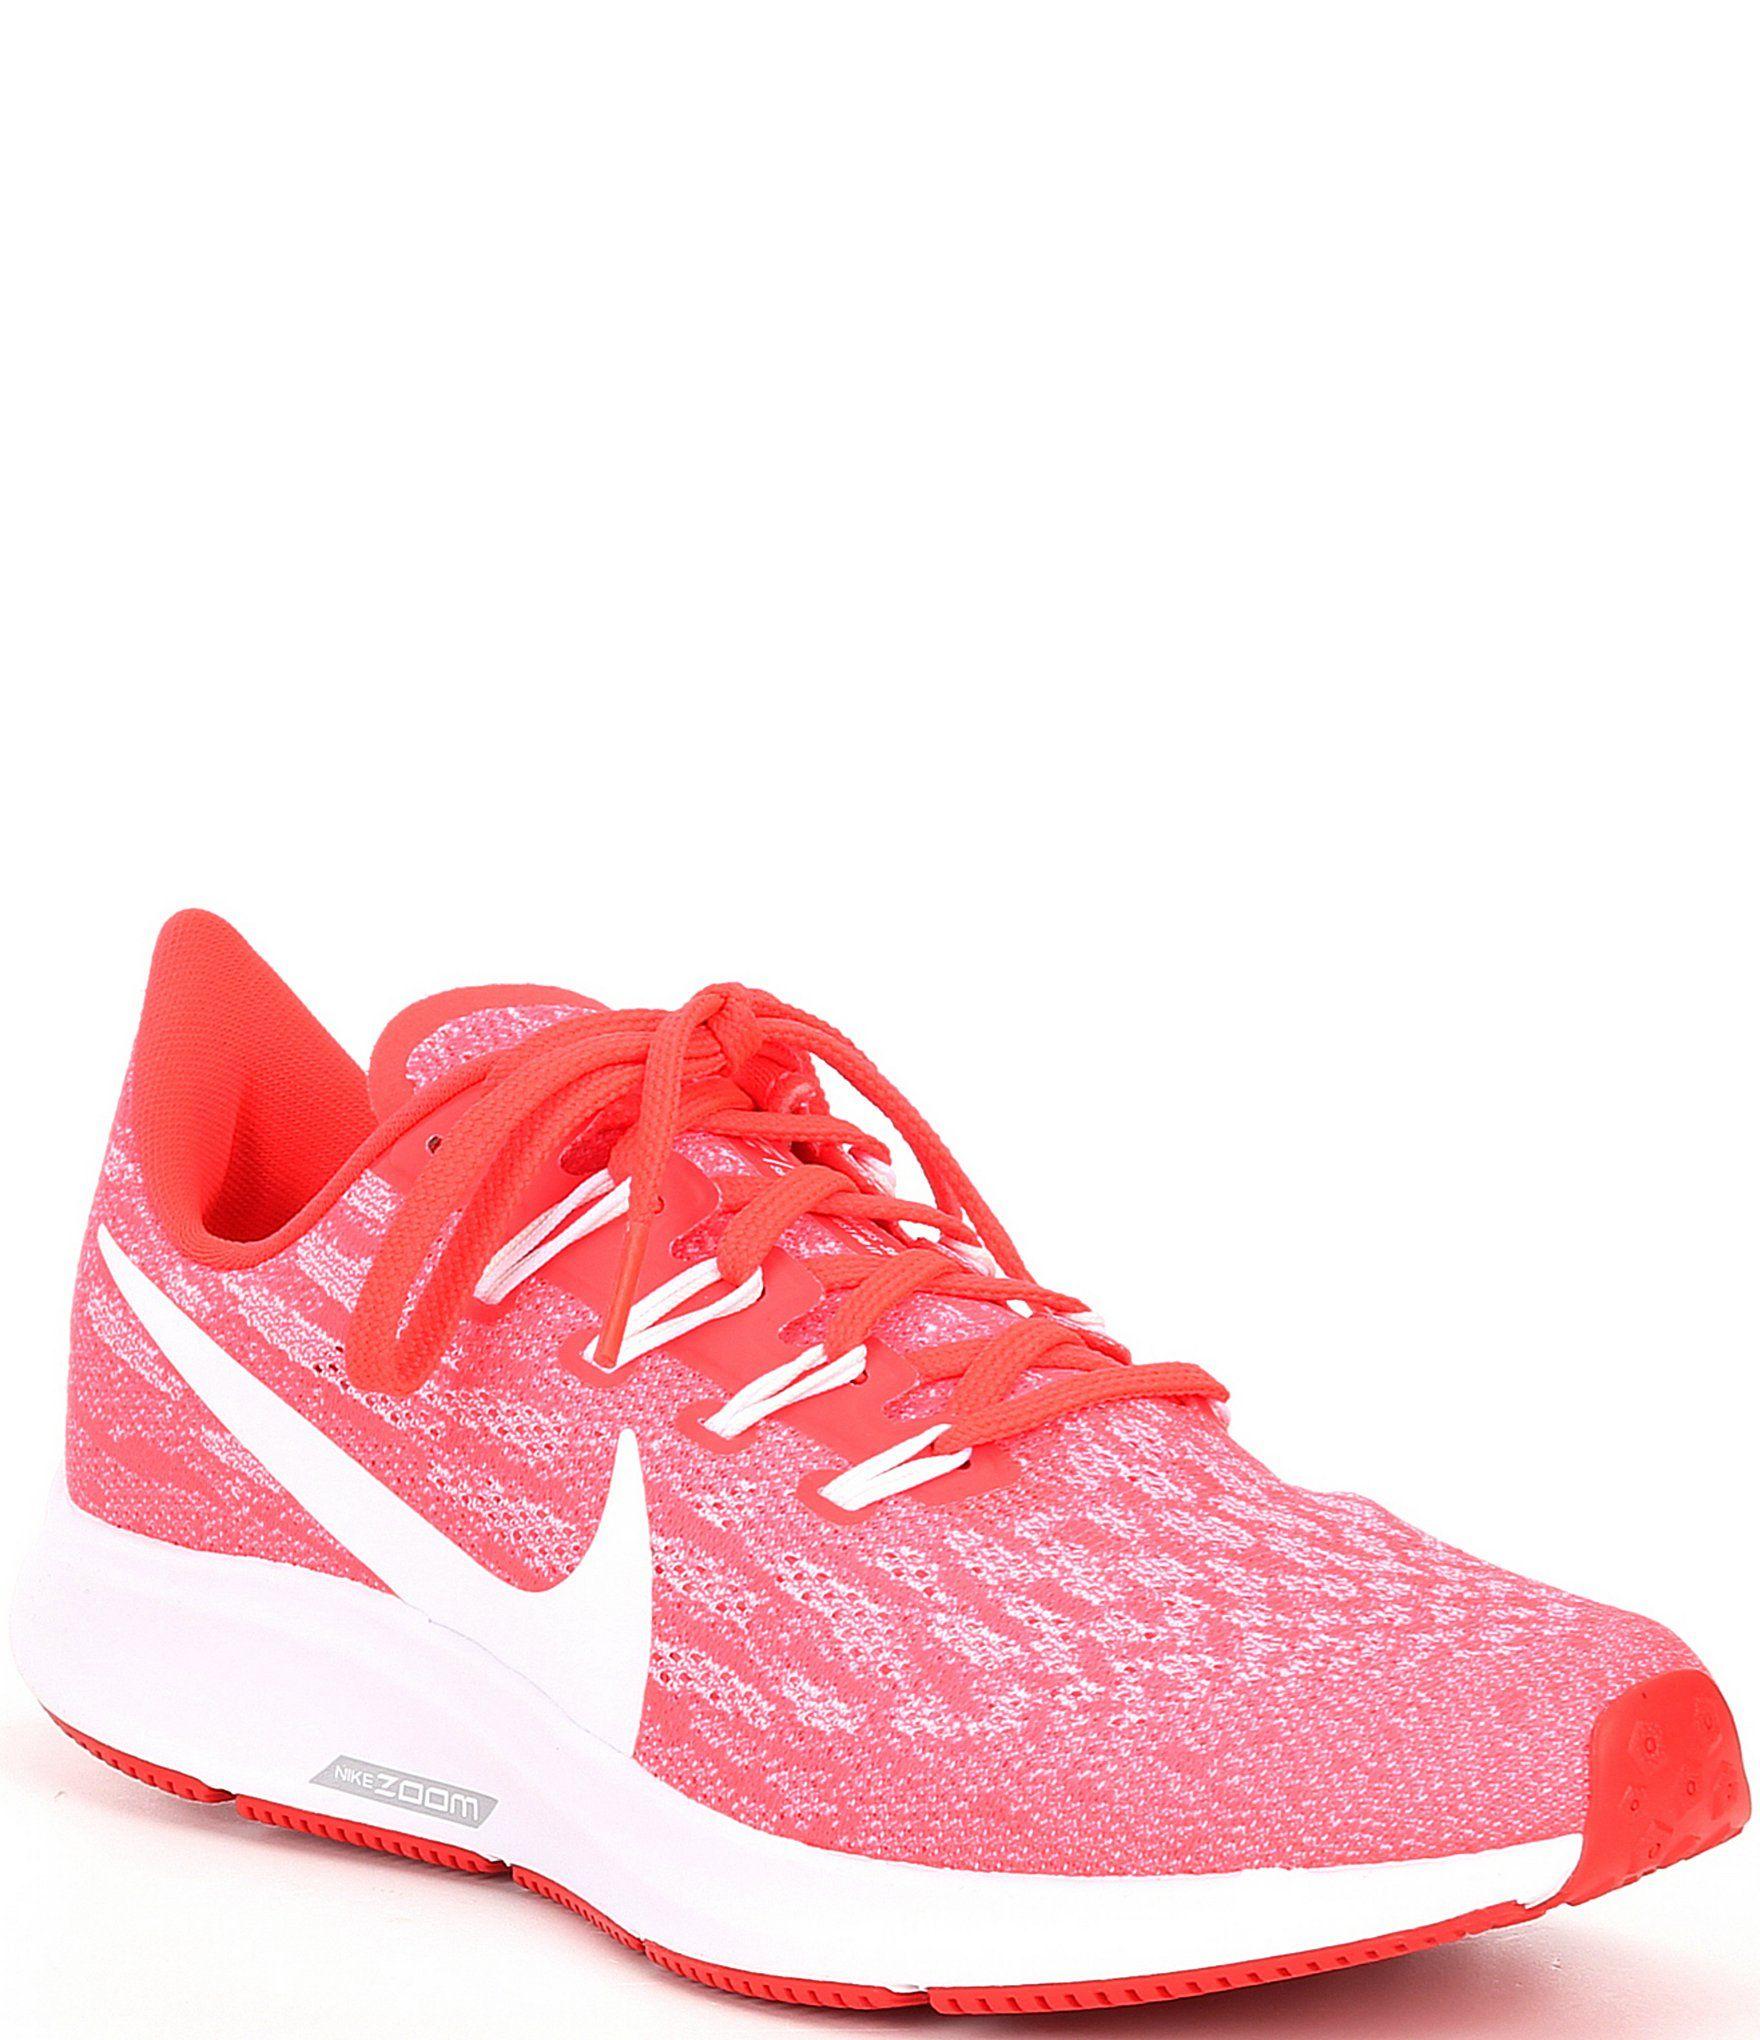 Nike Women's Air Zoom Pegasus 36 Running Shoes Laser